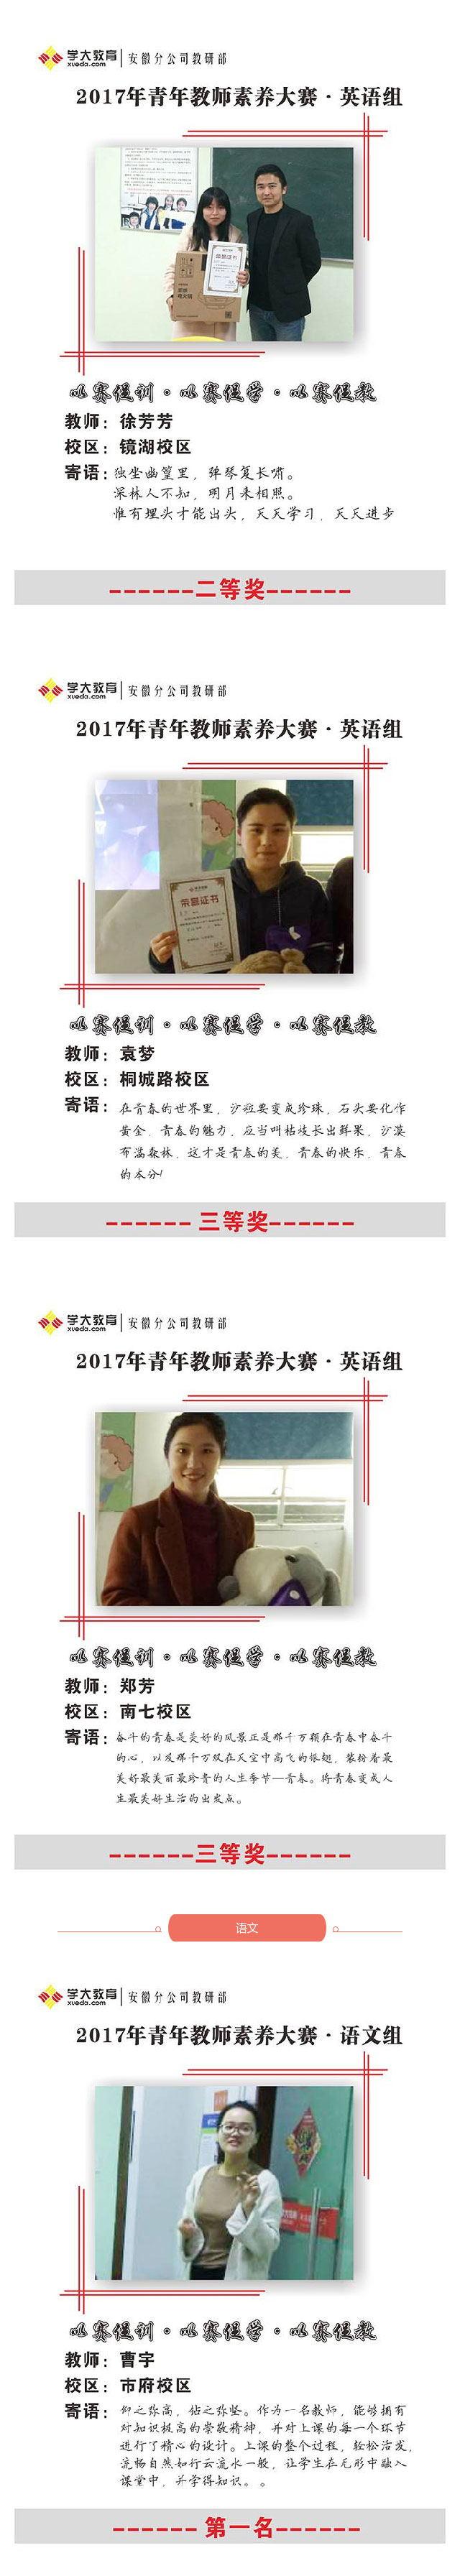 安徽学大教育青年教师素养大赛如期在合肥、芜湖区域举行